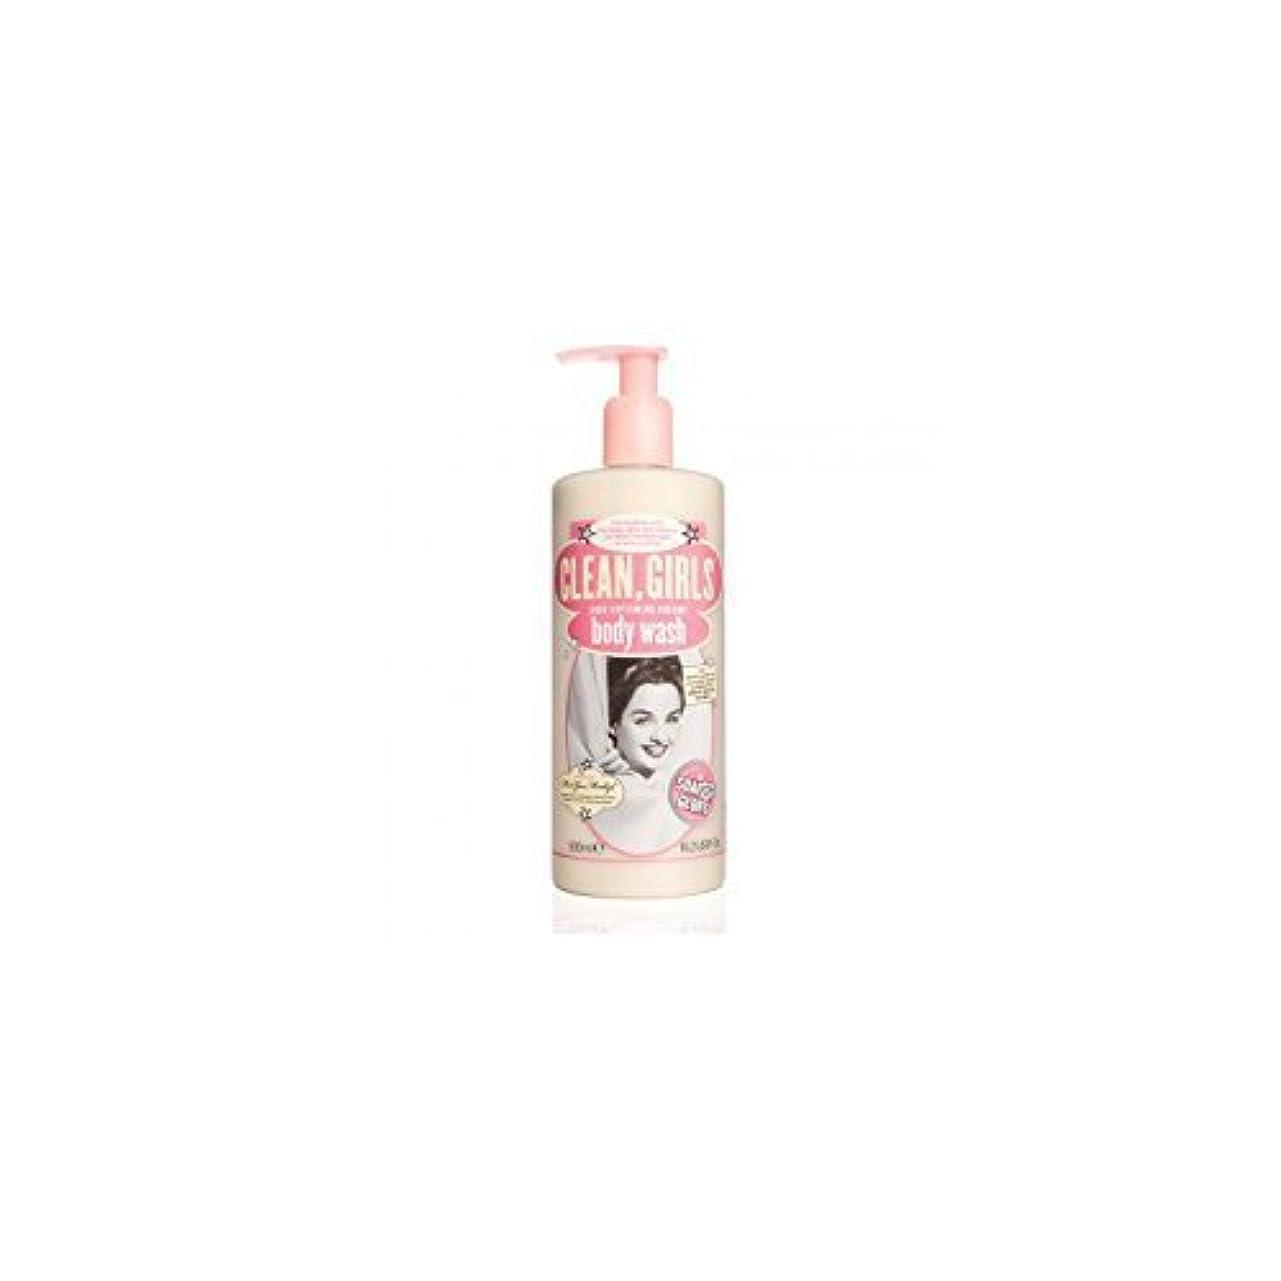 満足リーチ不愉快Soap & Glory Clean Girls Body Wash 500ml by Trifing